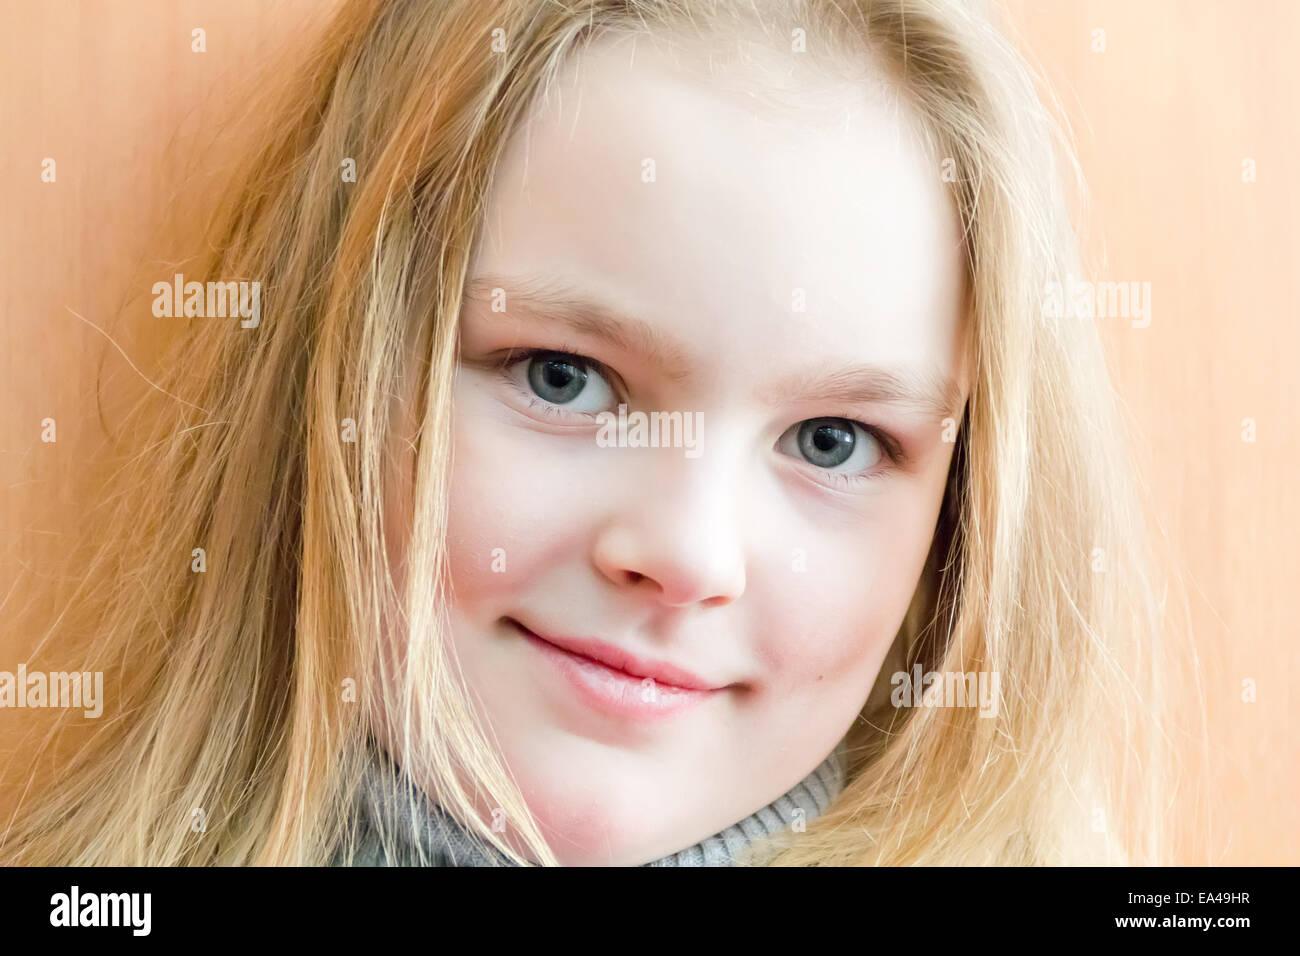 Linda chica siete años Imagen De Stock